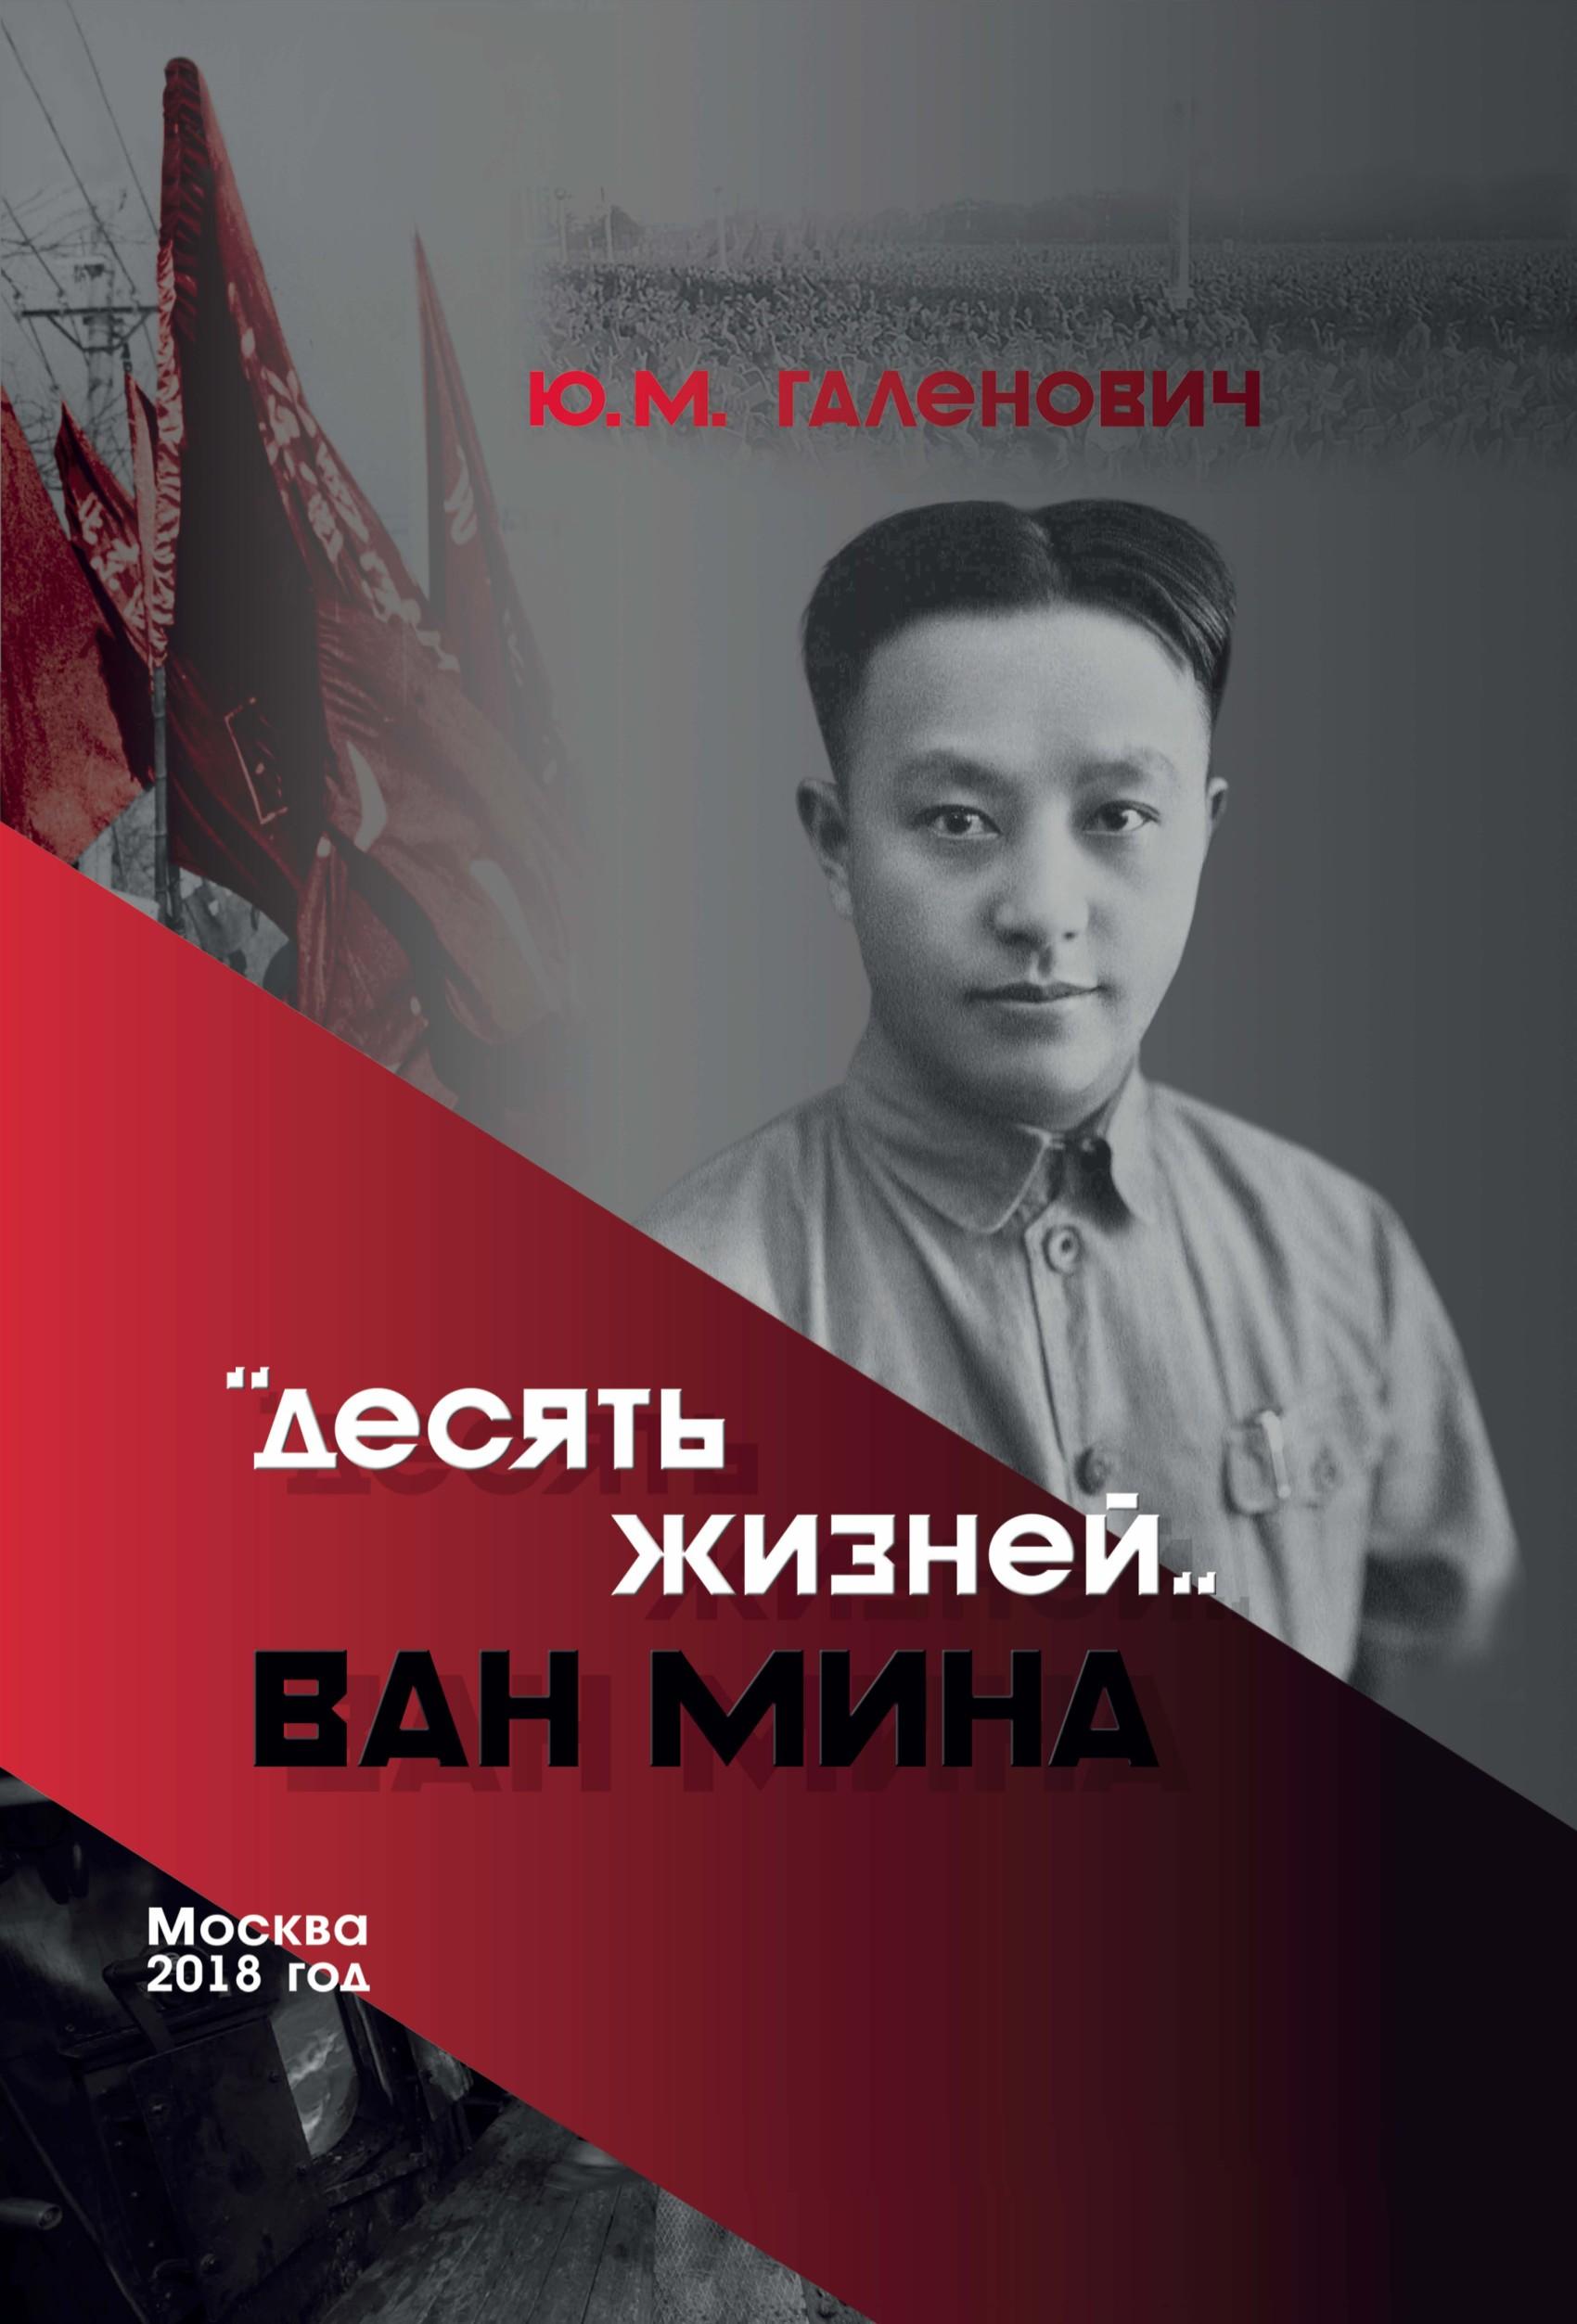 Юрий Галенович Десять жизней Ван Мина юрий галенович десять жизней ван мина